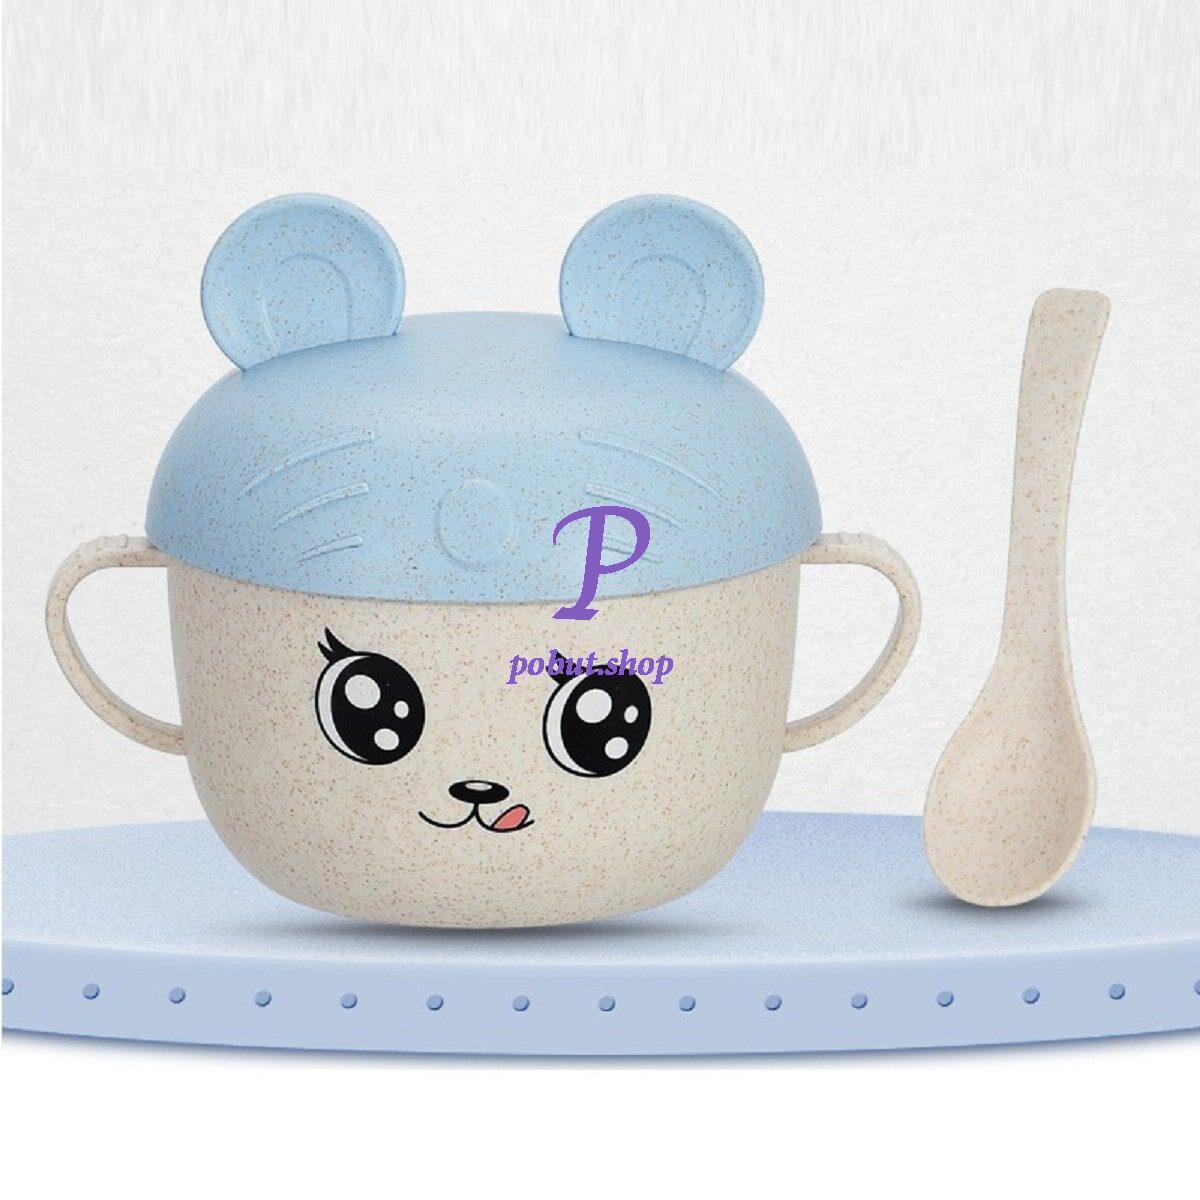 Дитяча еко чашка з кришкою-вушками 450 мл, блакитна